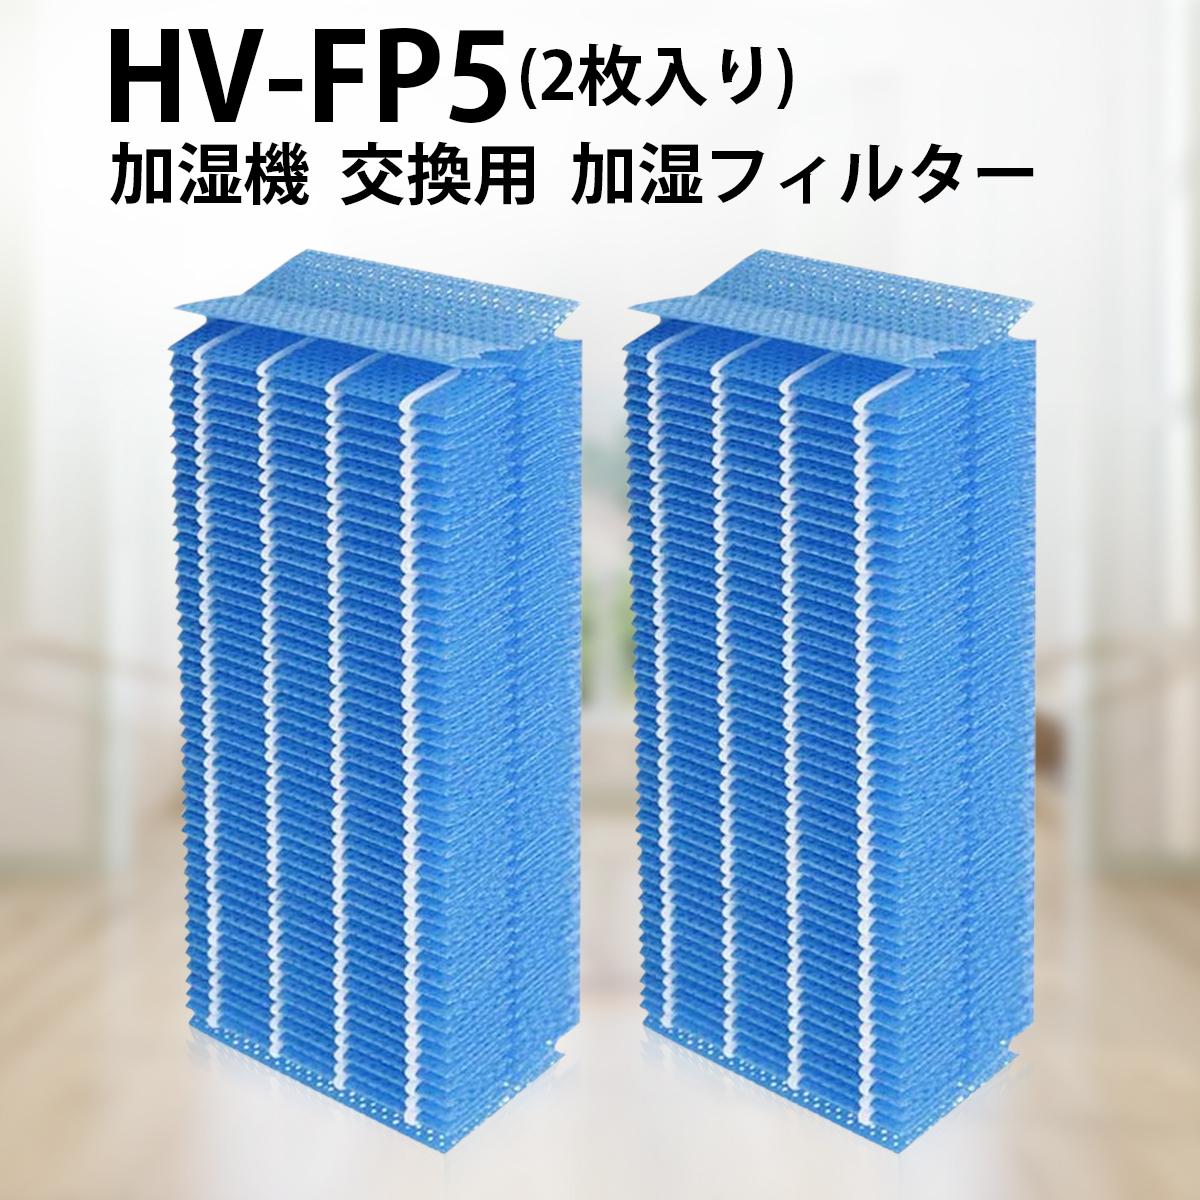 シャープ加湿機 フィルター hvfp5 加湿器交換用加湿フィルター シャープ HV-FP5 海外輸入 初売り 加湿フィルター 2枚入り 加熱気化式加湿機用 加湿器 hv-fp5 互換品 交換フィルター